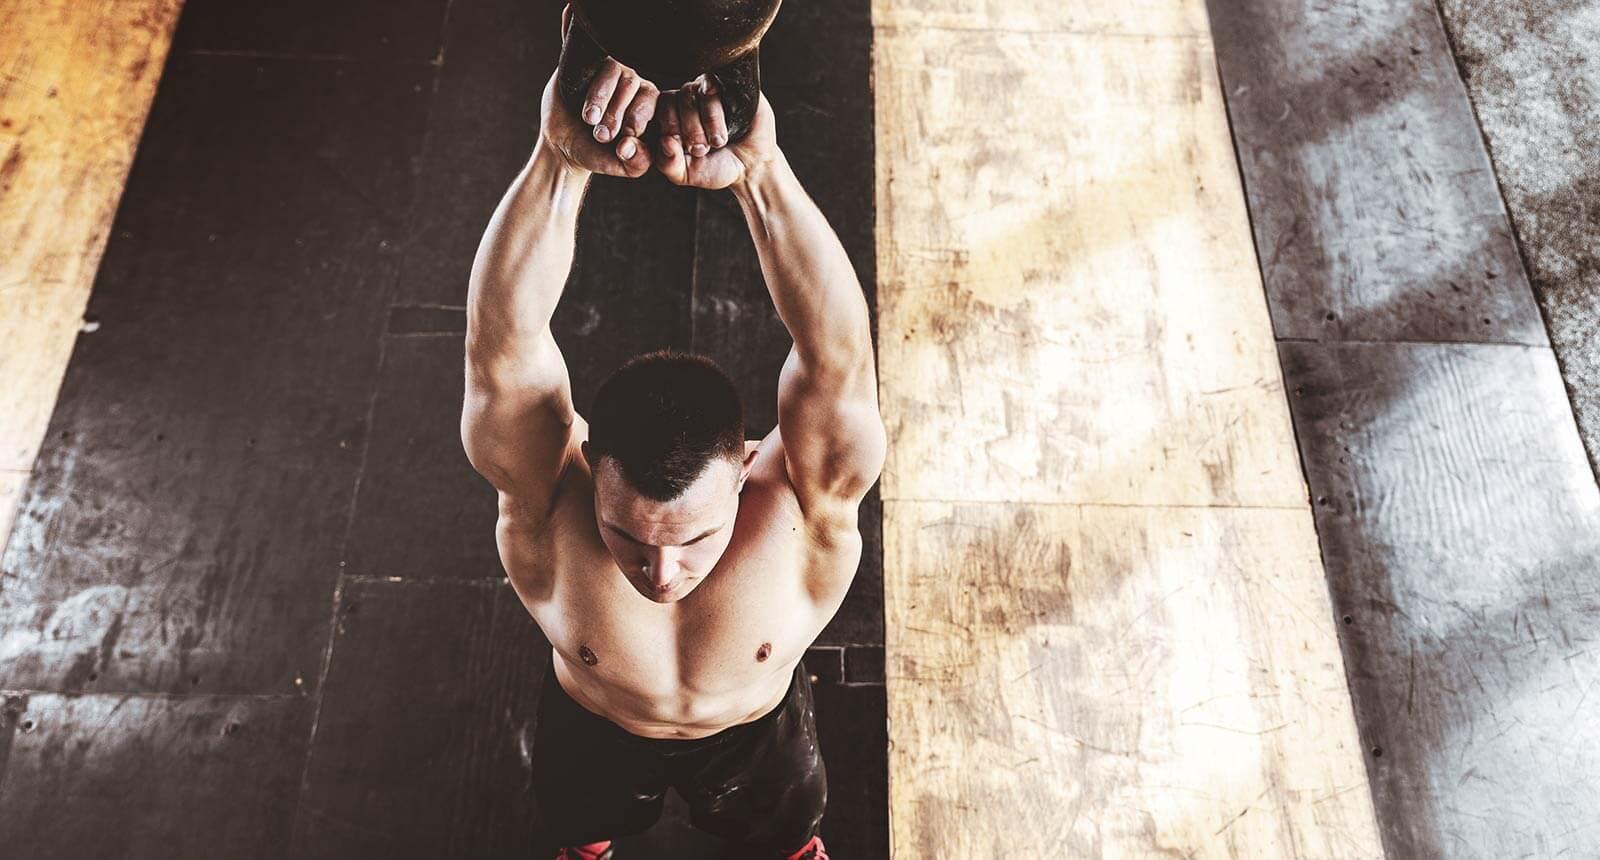 régime alimentaire hebdomadaire pour gagner du muscle